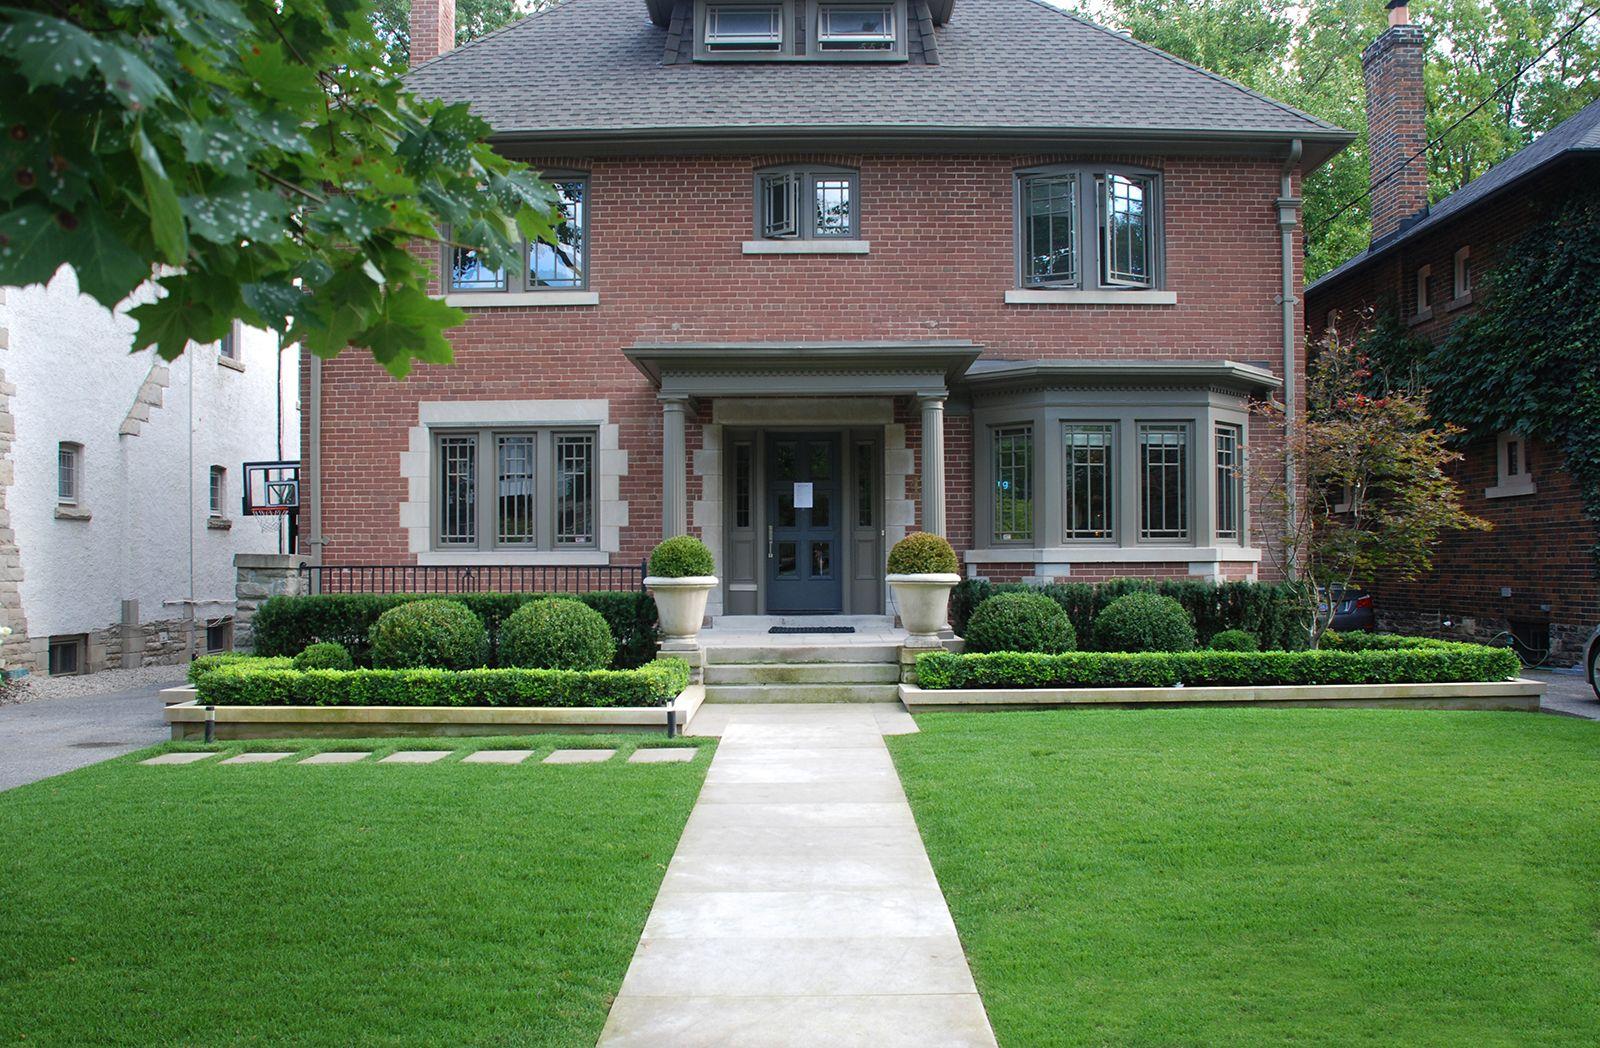 Symmetrical Front Landscape Design Front Yard Landscaping Design